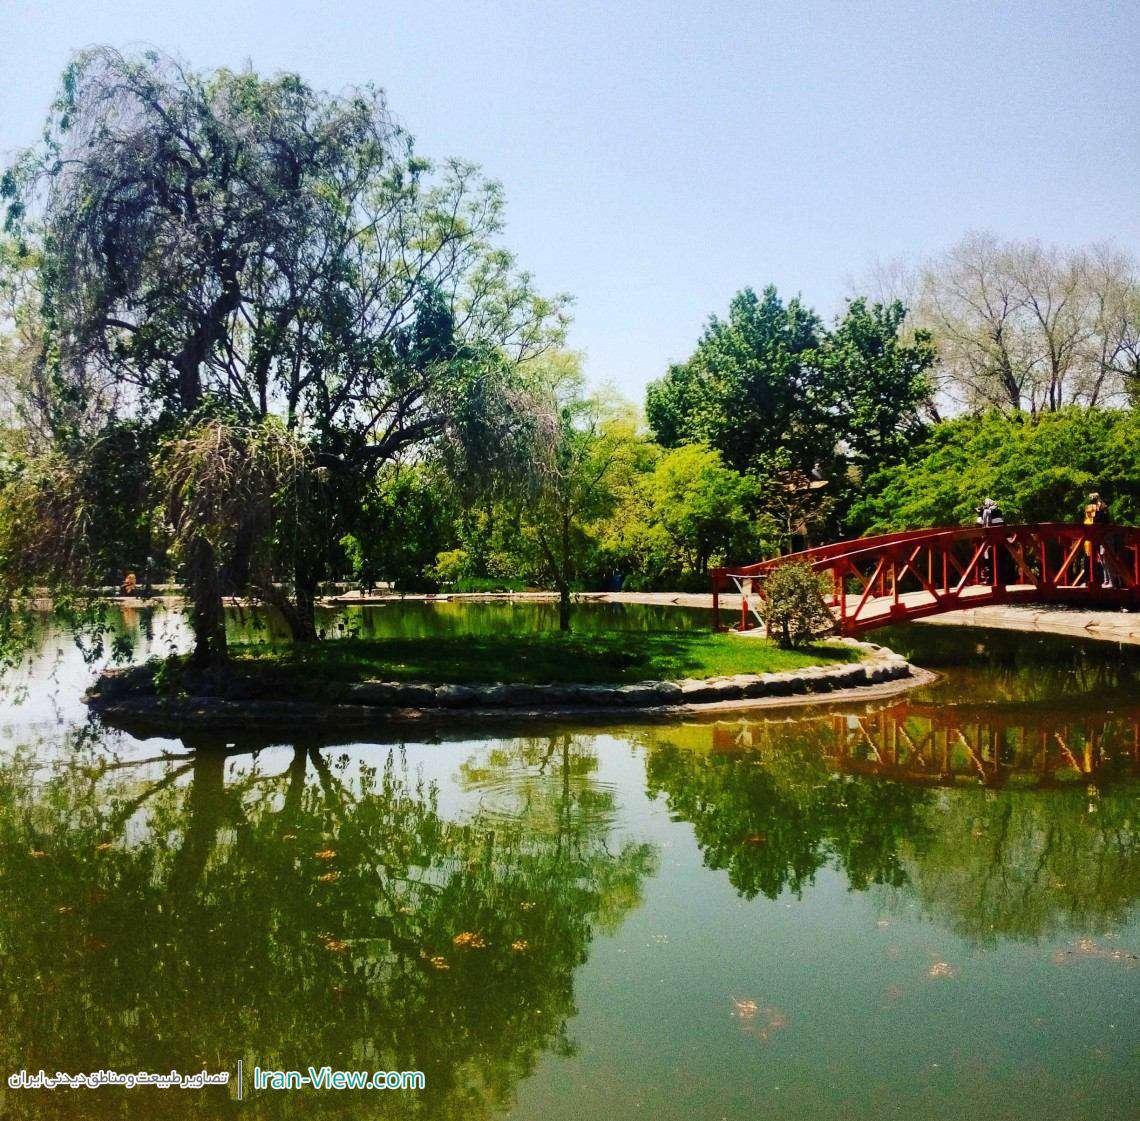 دریاچه زیبای باغ ملی گیاه شناسی،تهران–Lake of Tehran's Botanical Garden